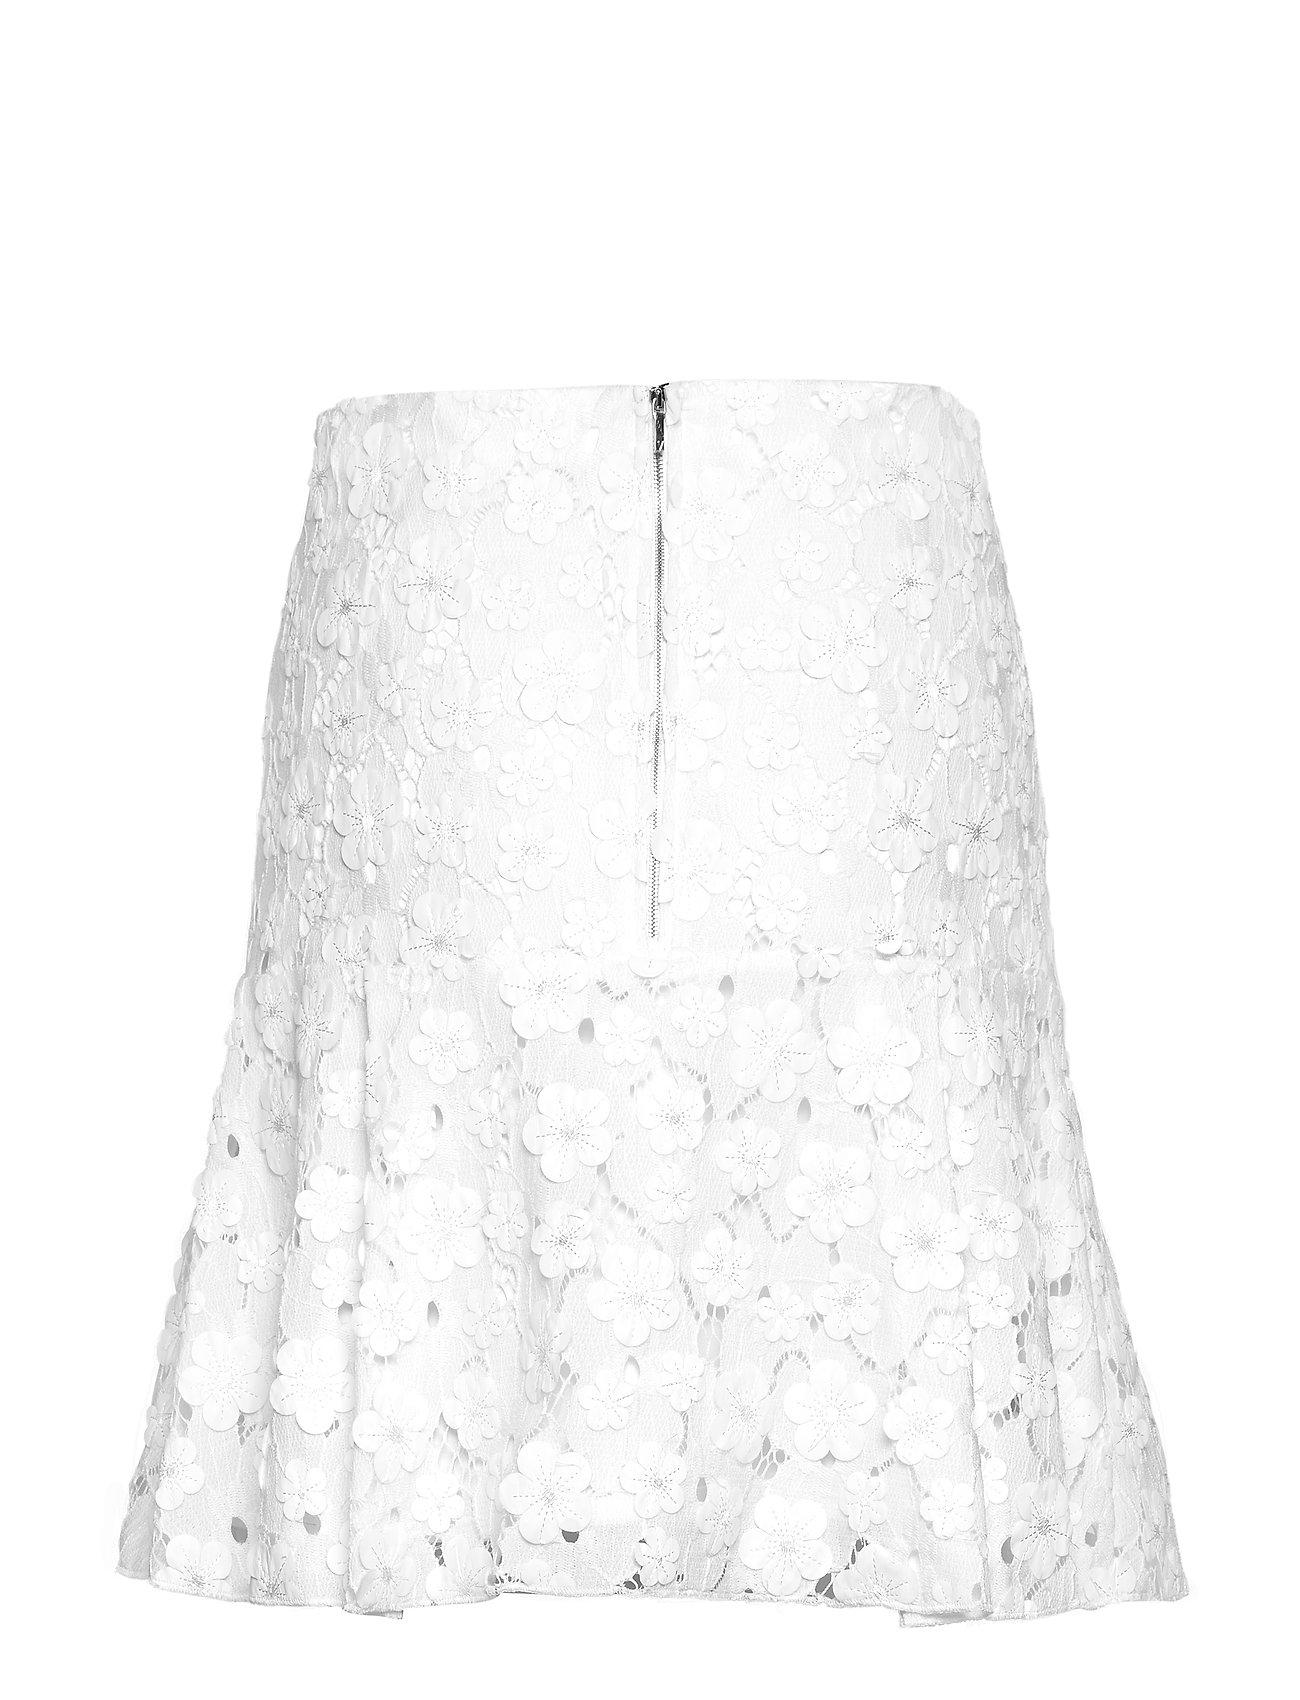 Pony Skirt Knælang Nederdel Hvid Valerie